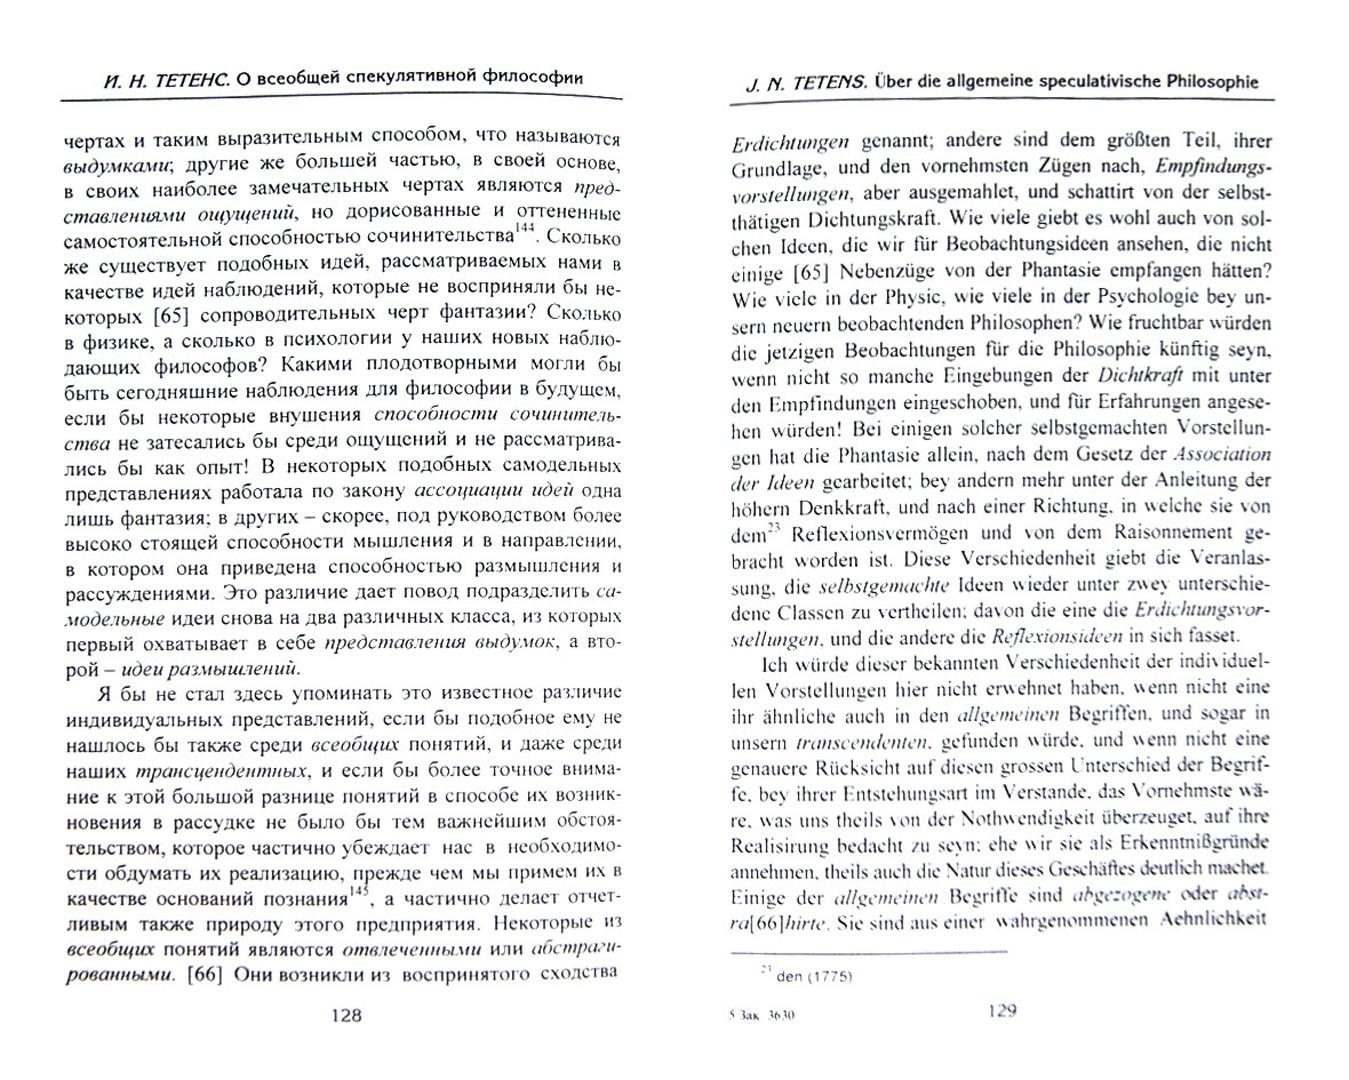 Иллюстрация 1 из 4 для О всеобщей спекулятивной философии - И. Тетенс   Лабиринт - книги. Источник: Лабиринт